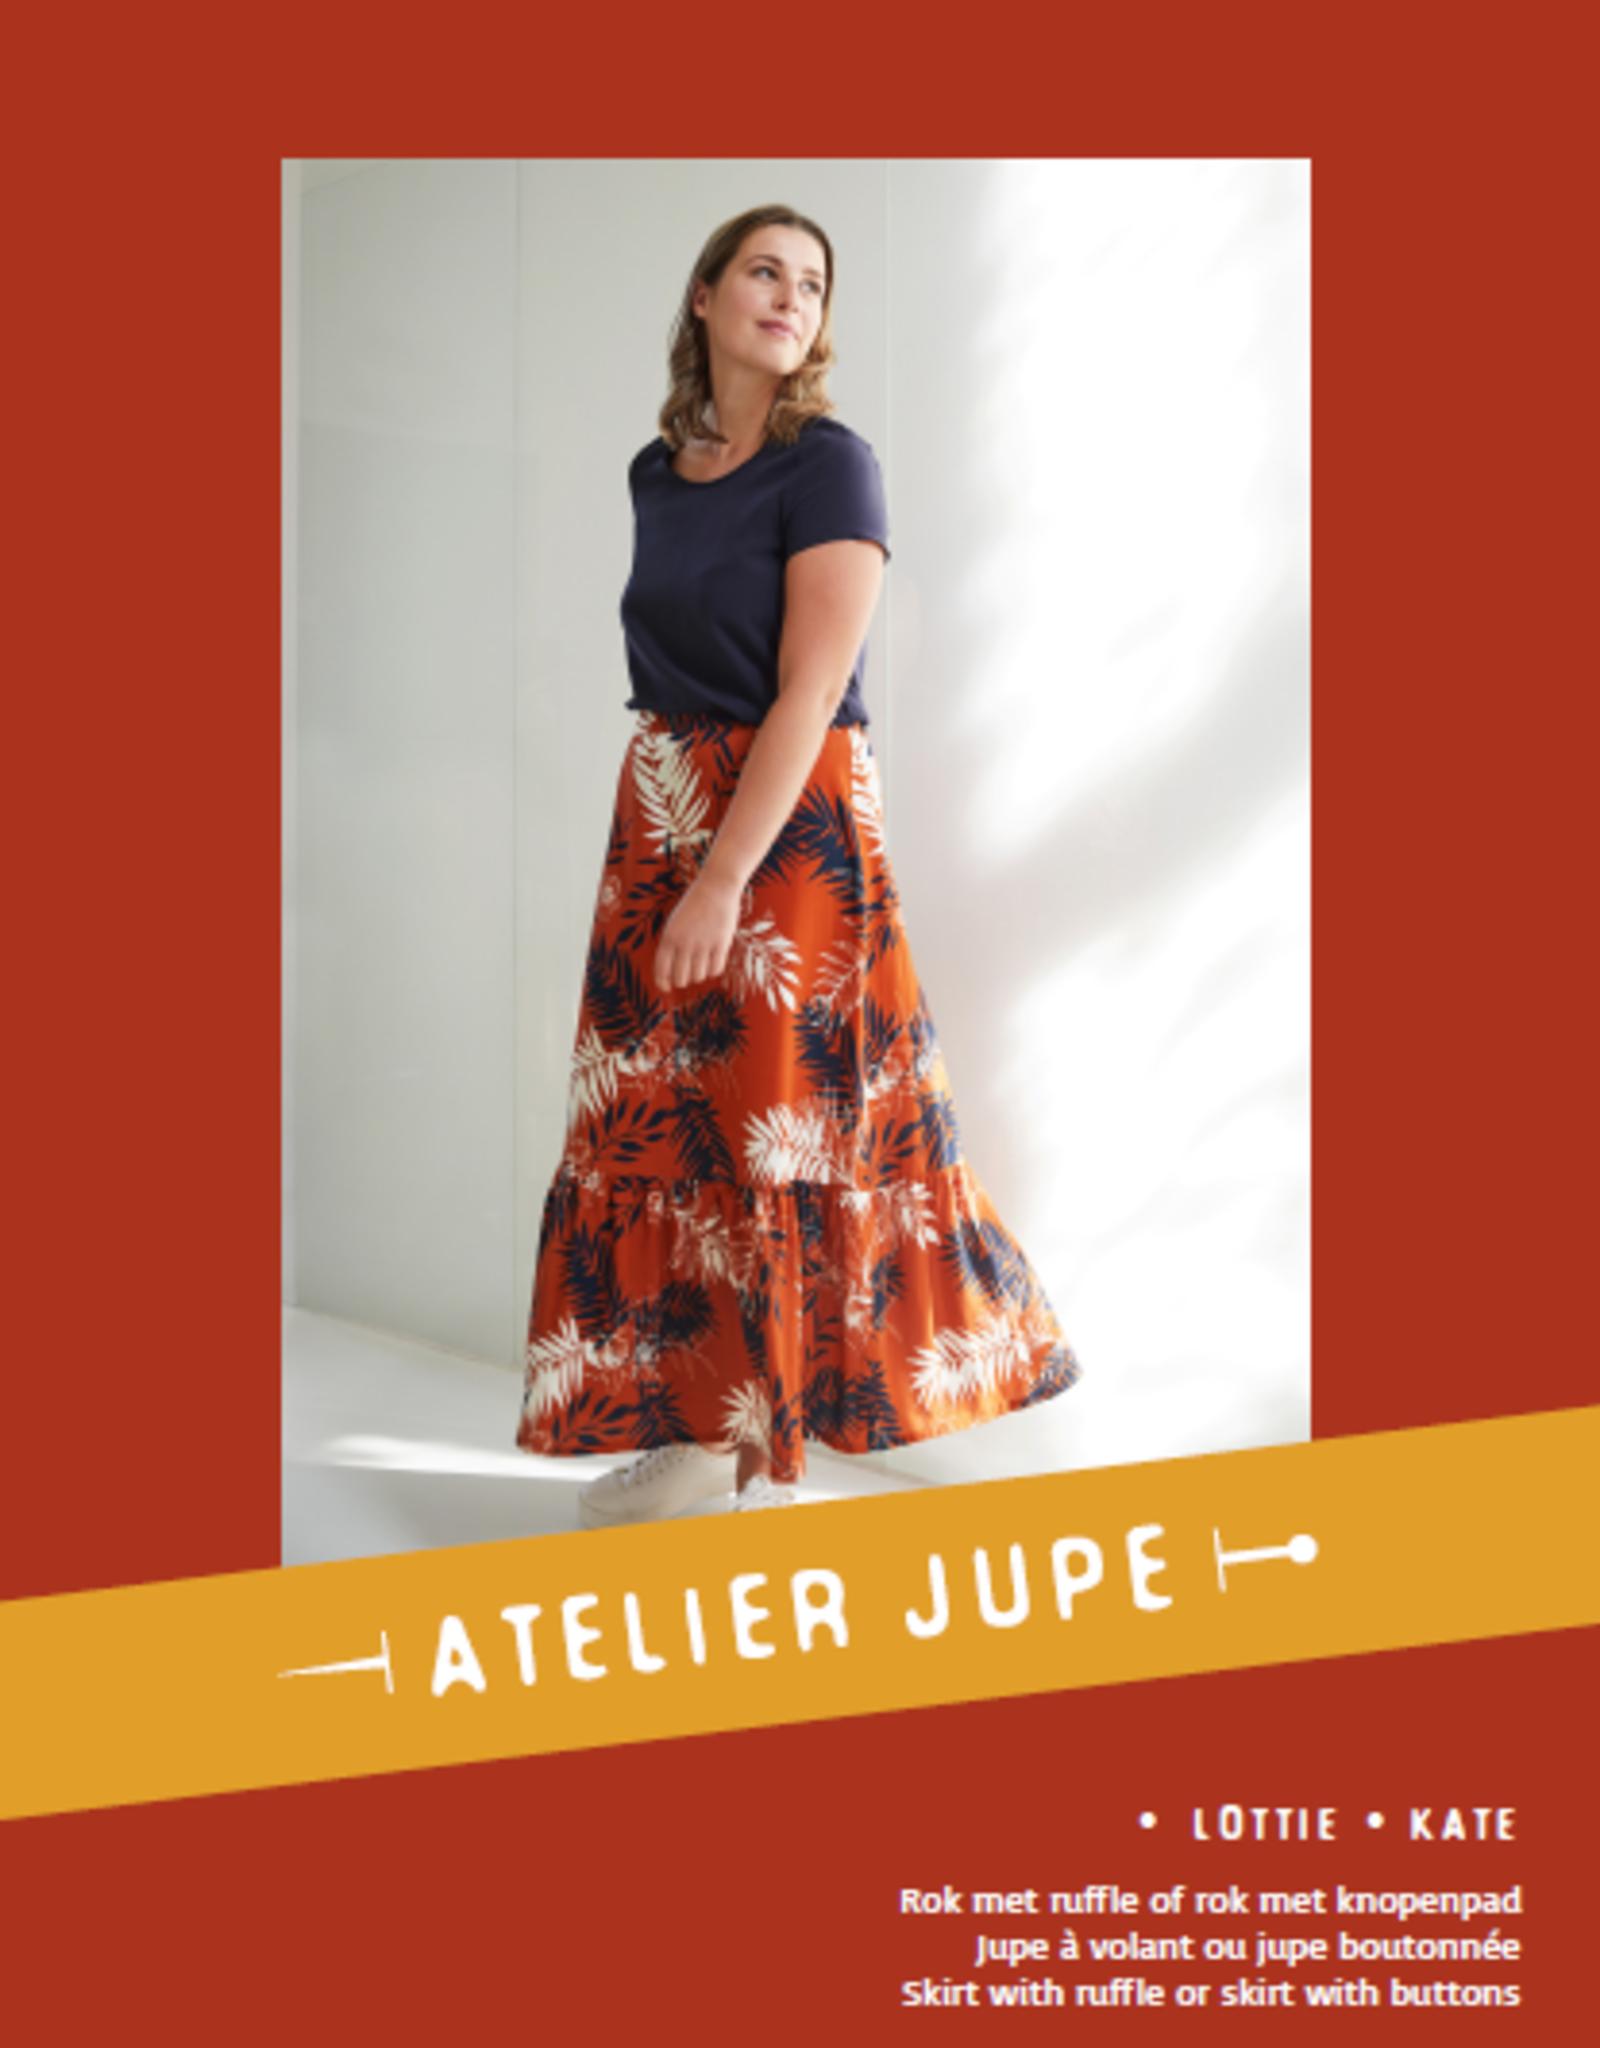 Lottie rok met ruffle & Kate rok met knopenpad - Atelier Jupe